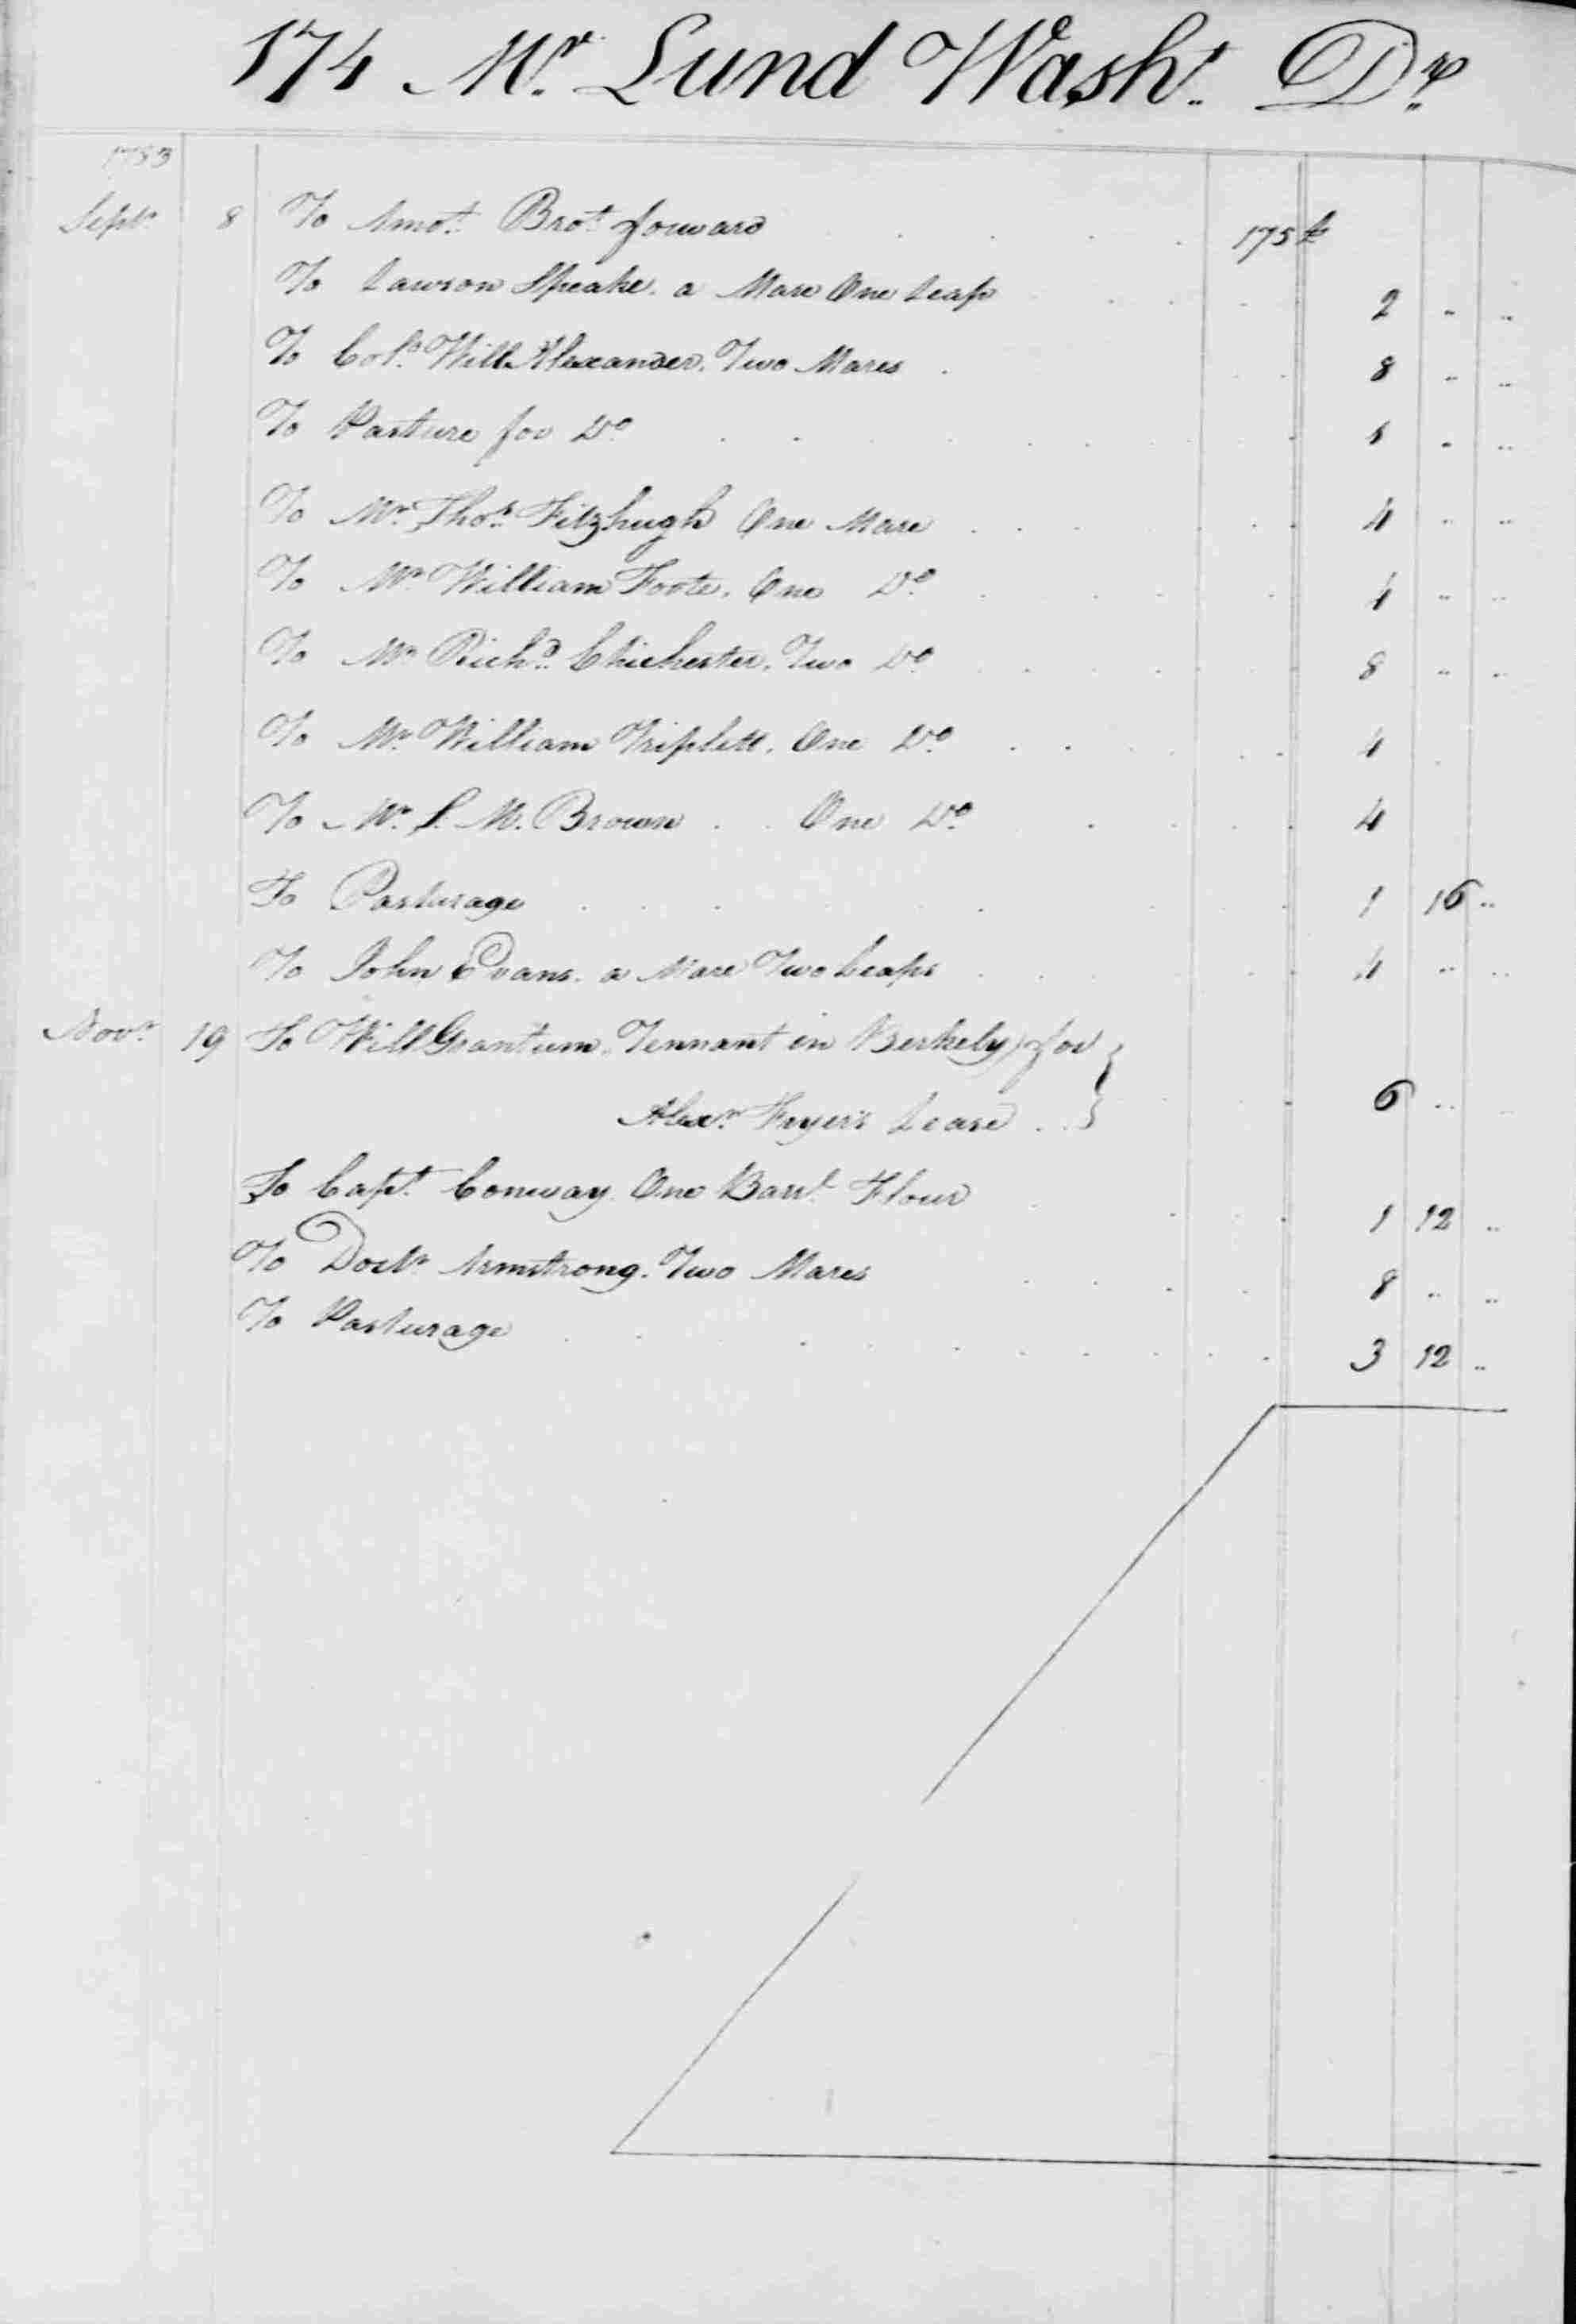 Ledger B, folio 174, left side